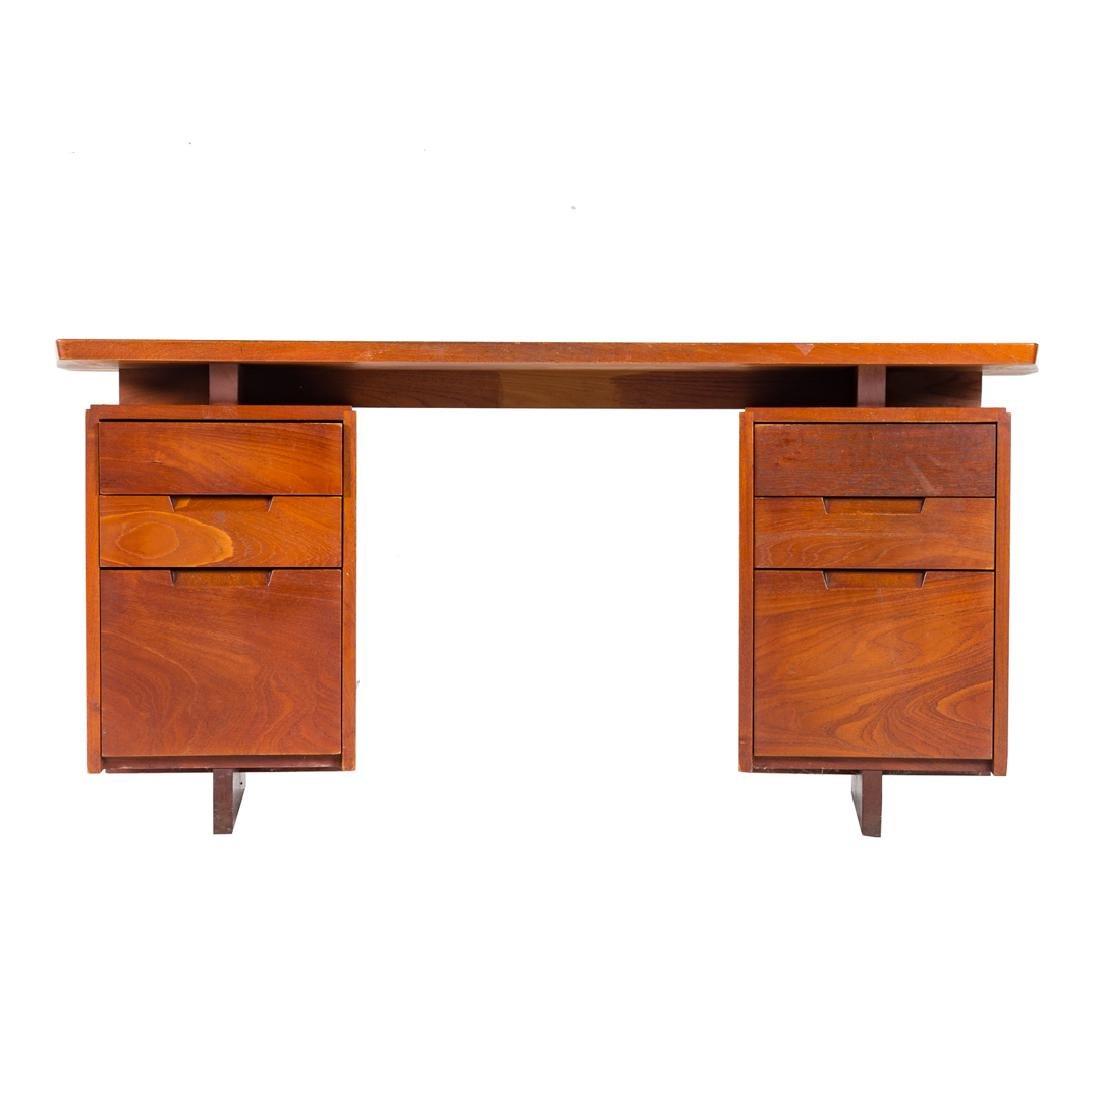 George Nakashima Double Pedestal Desk - 2